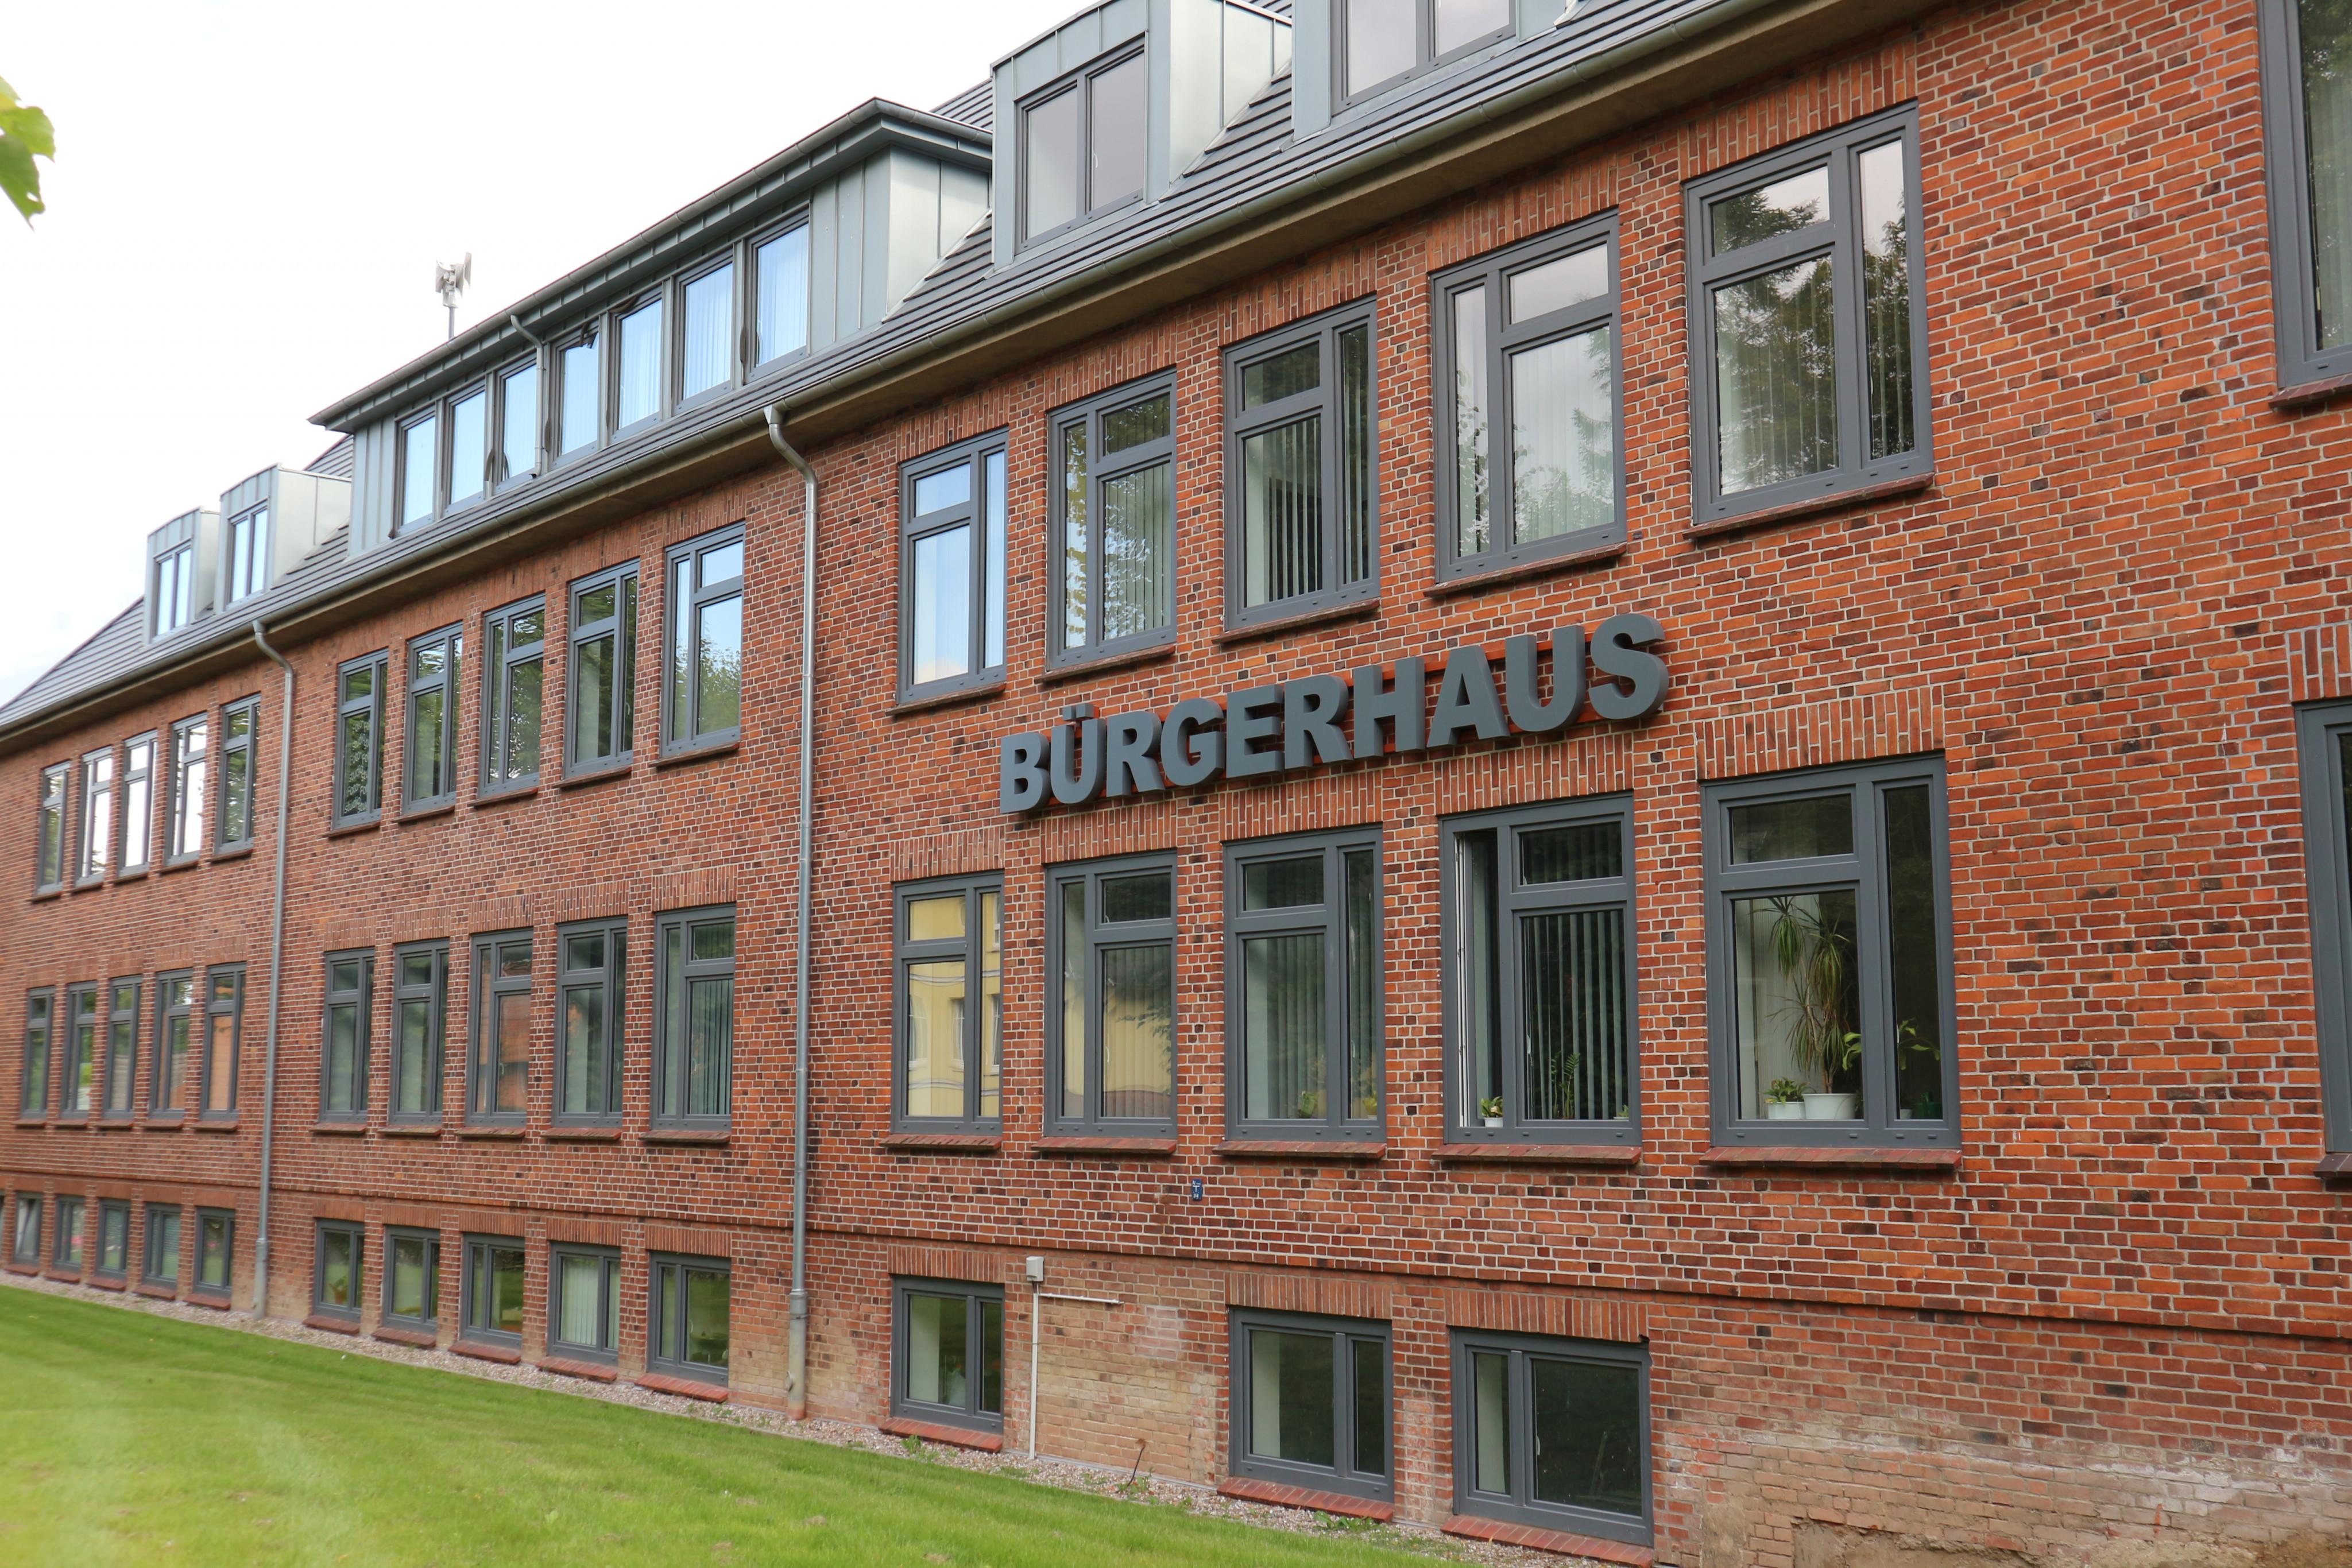 """großes, zweistöckiges Backsteingebäude mit Schriftzug """"Bürgerhaus"""""""